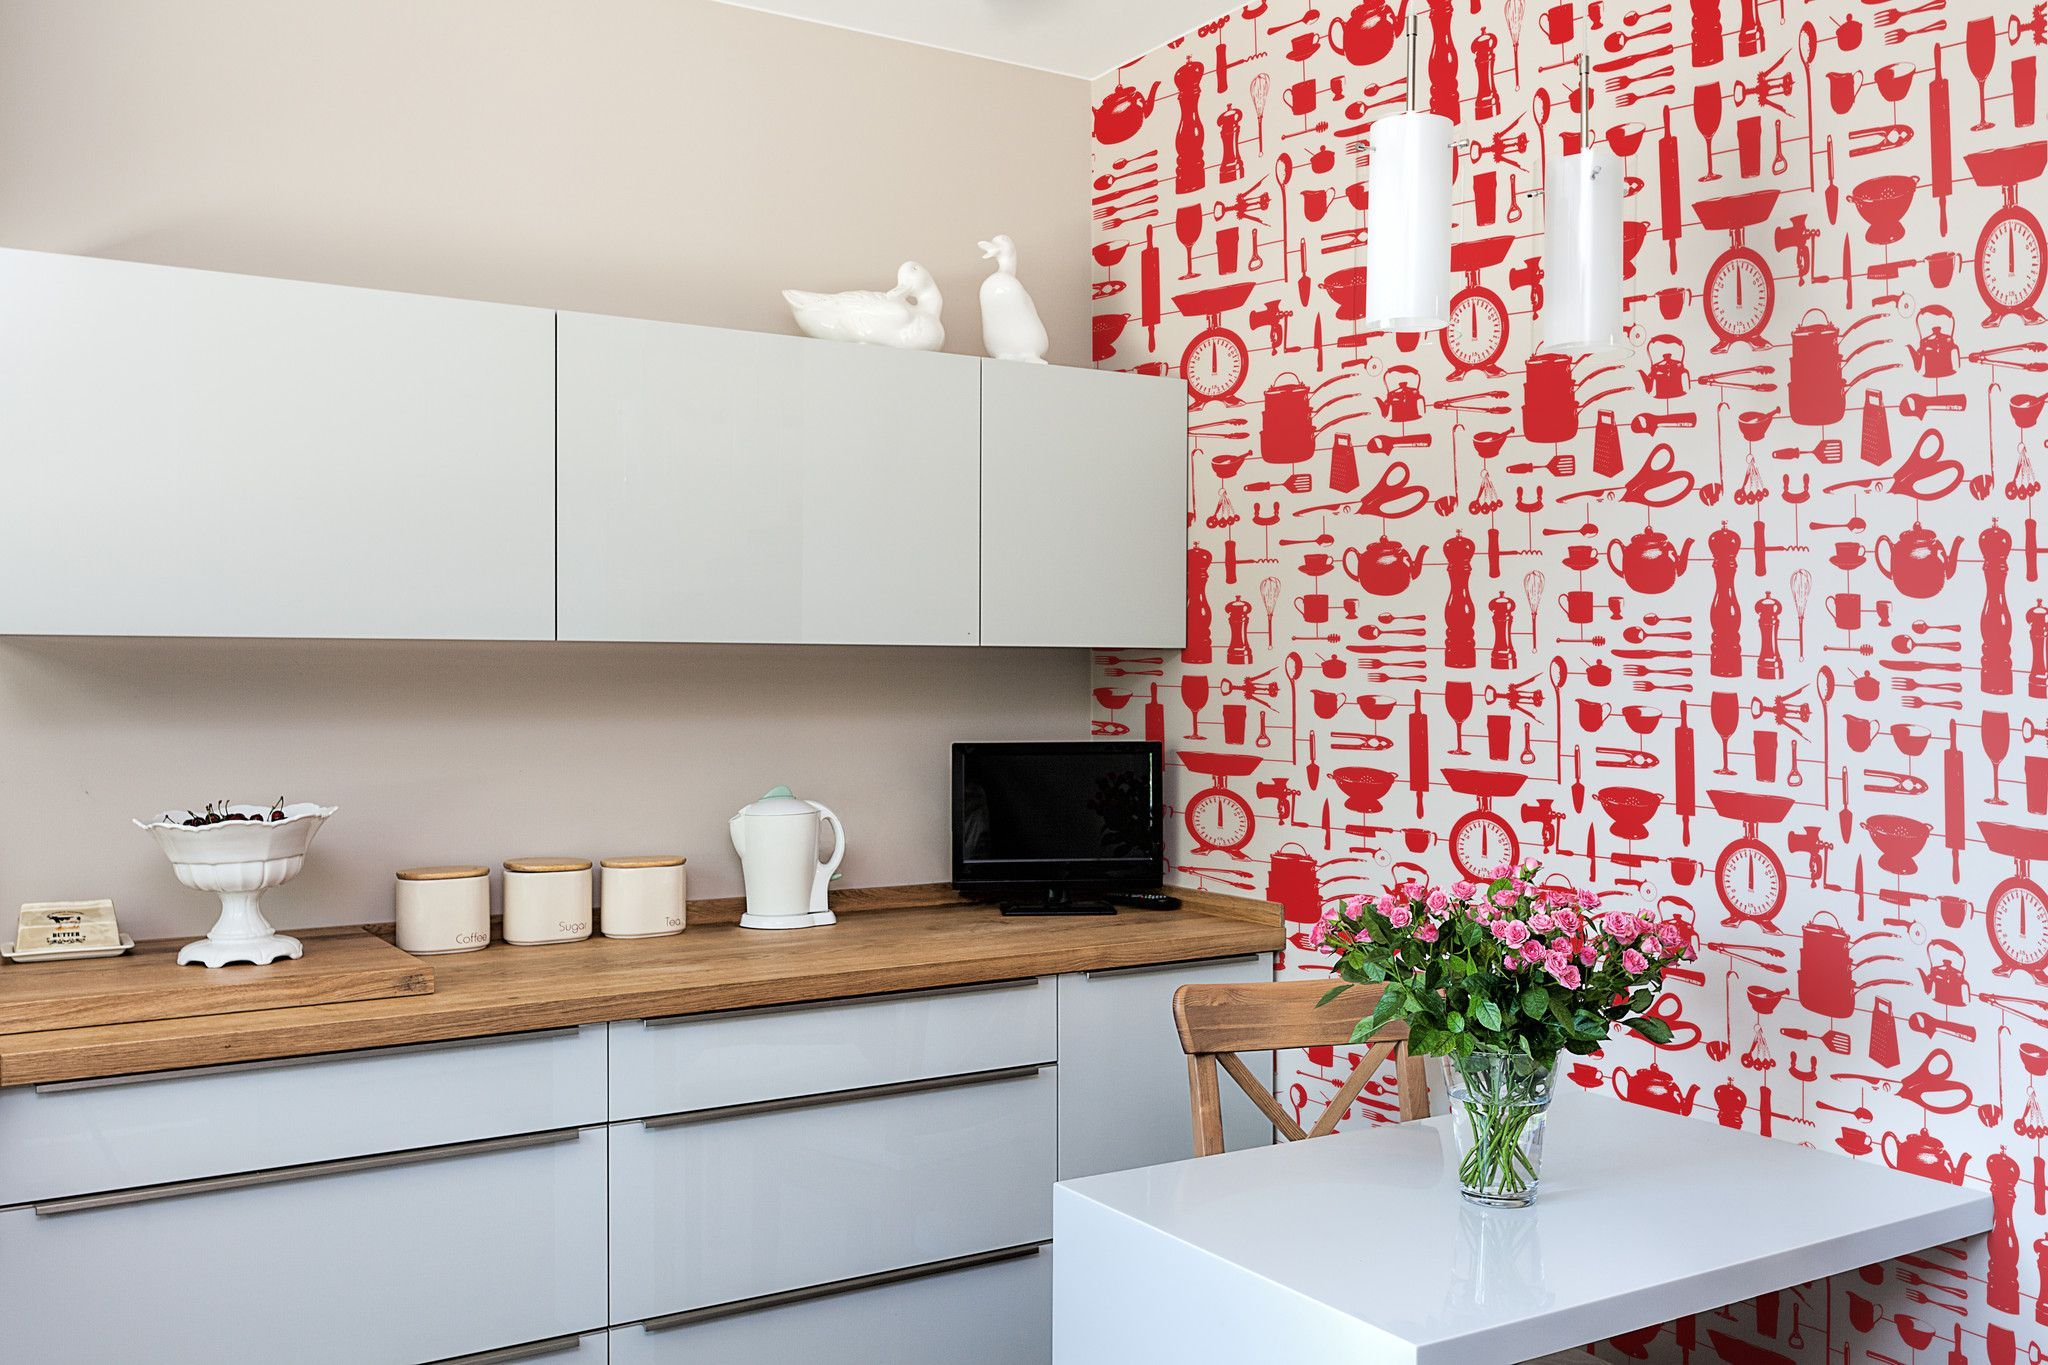 Airfix Kitchen Wallpaper in Red Kitchen wallpaper design